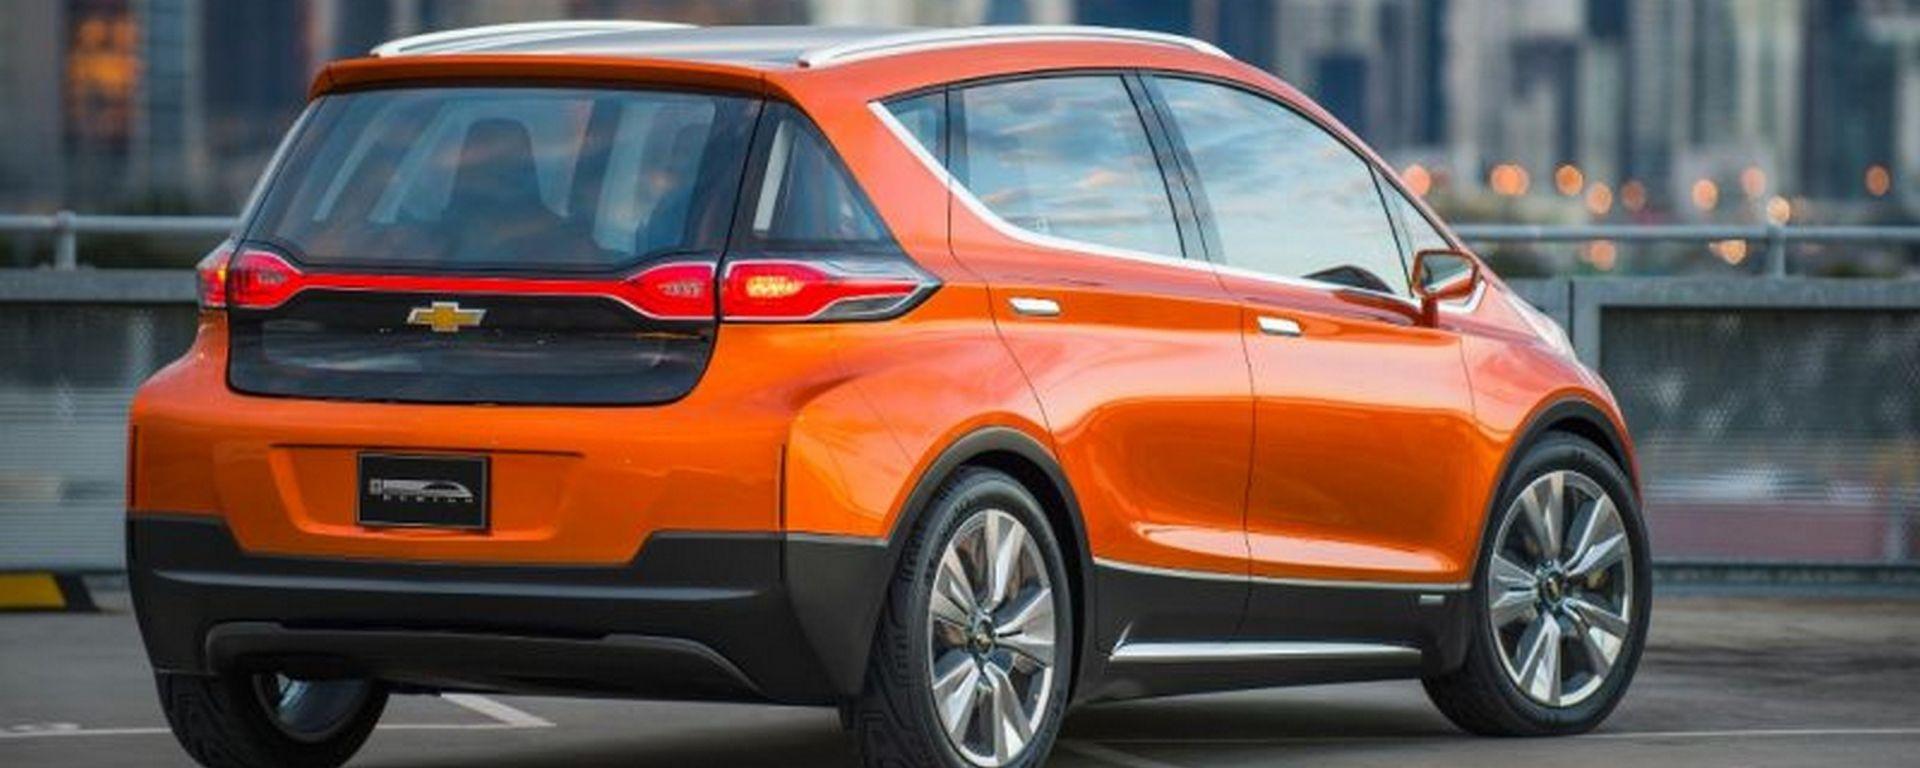 La Chevrolet Bolt autonoma si è aggirata tranquillamente per San Francisco